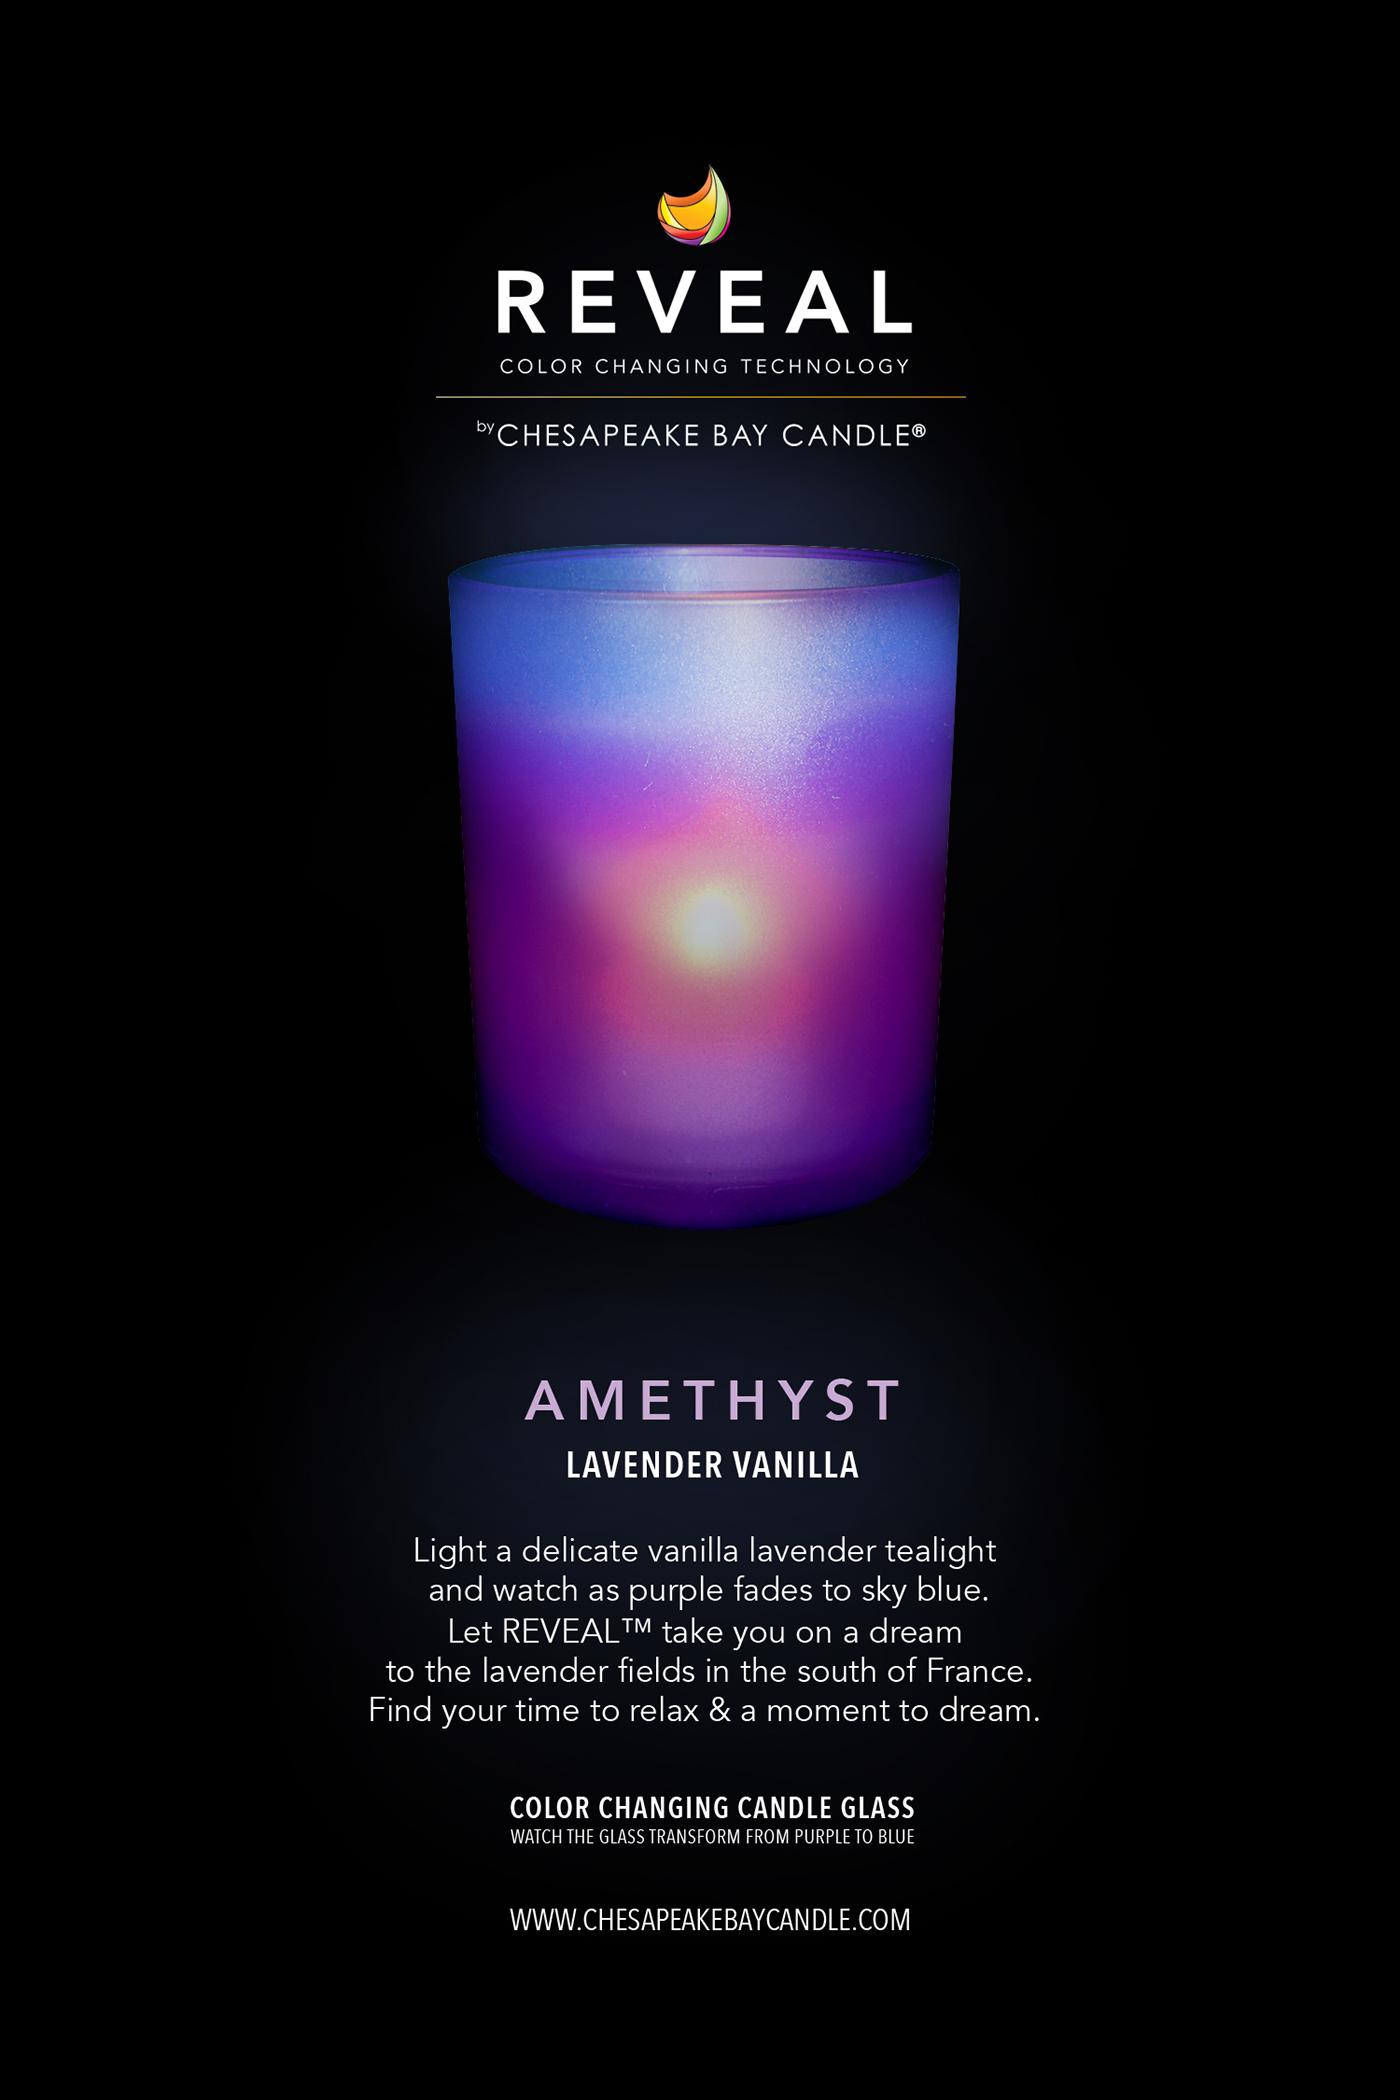 design logo pakage candles